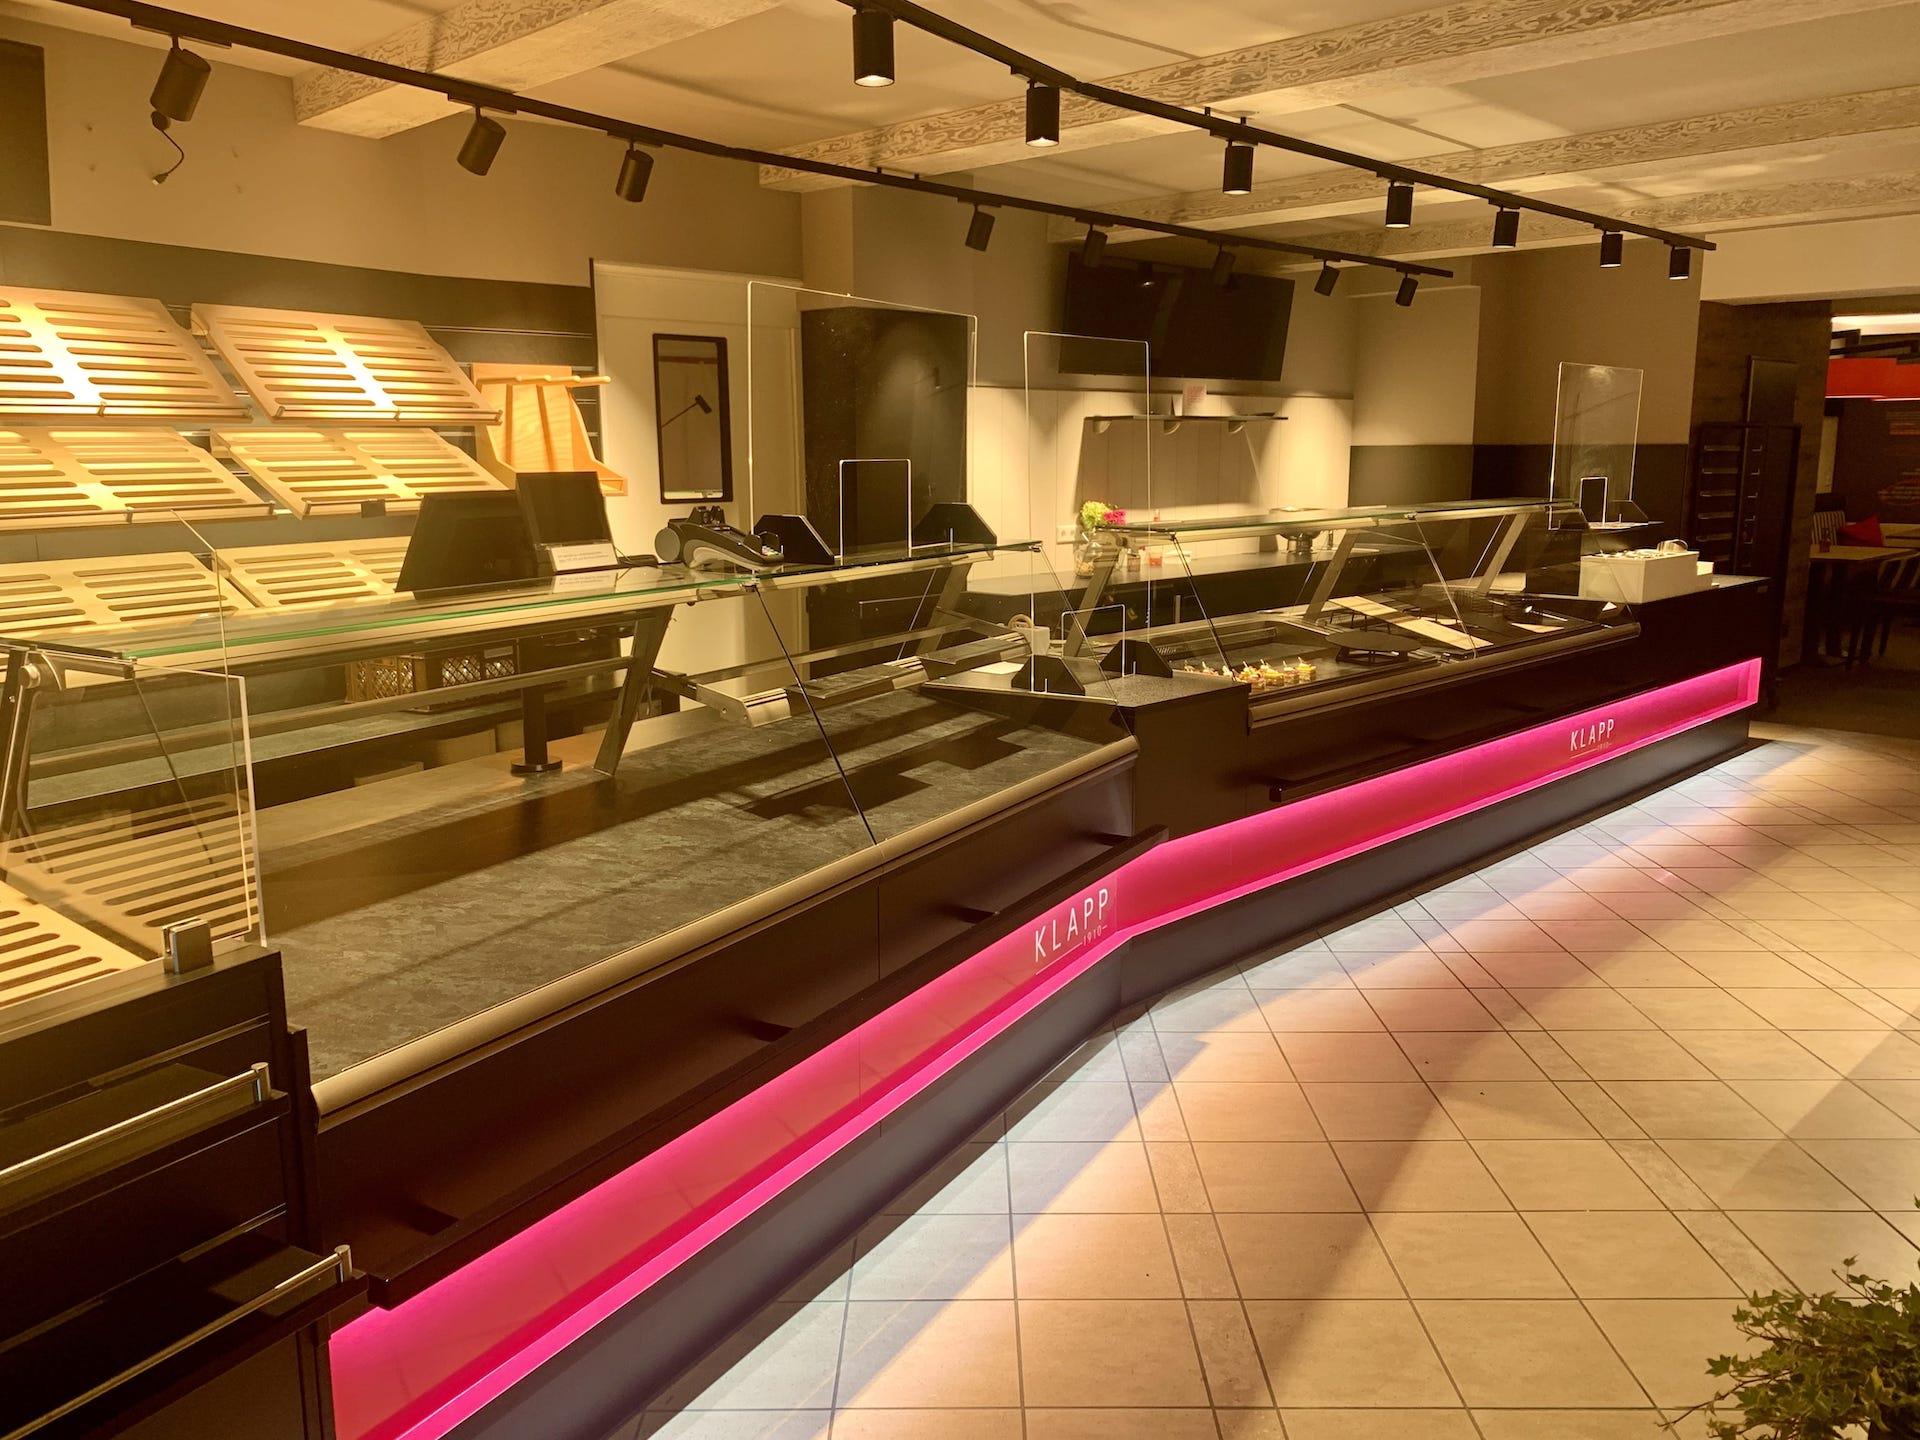 Klapp1910 Umbau 00010 - KLAPP1910 Stammhaus im neuen Design wiedereröffnet